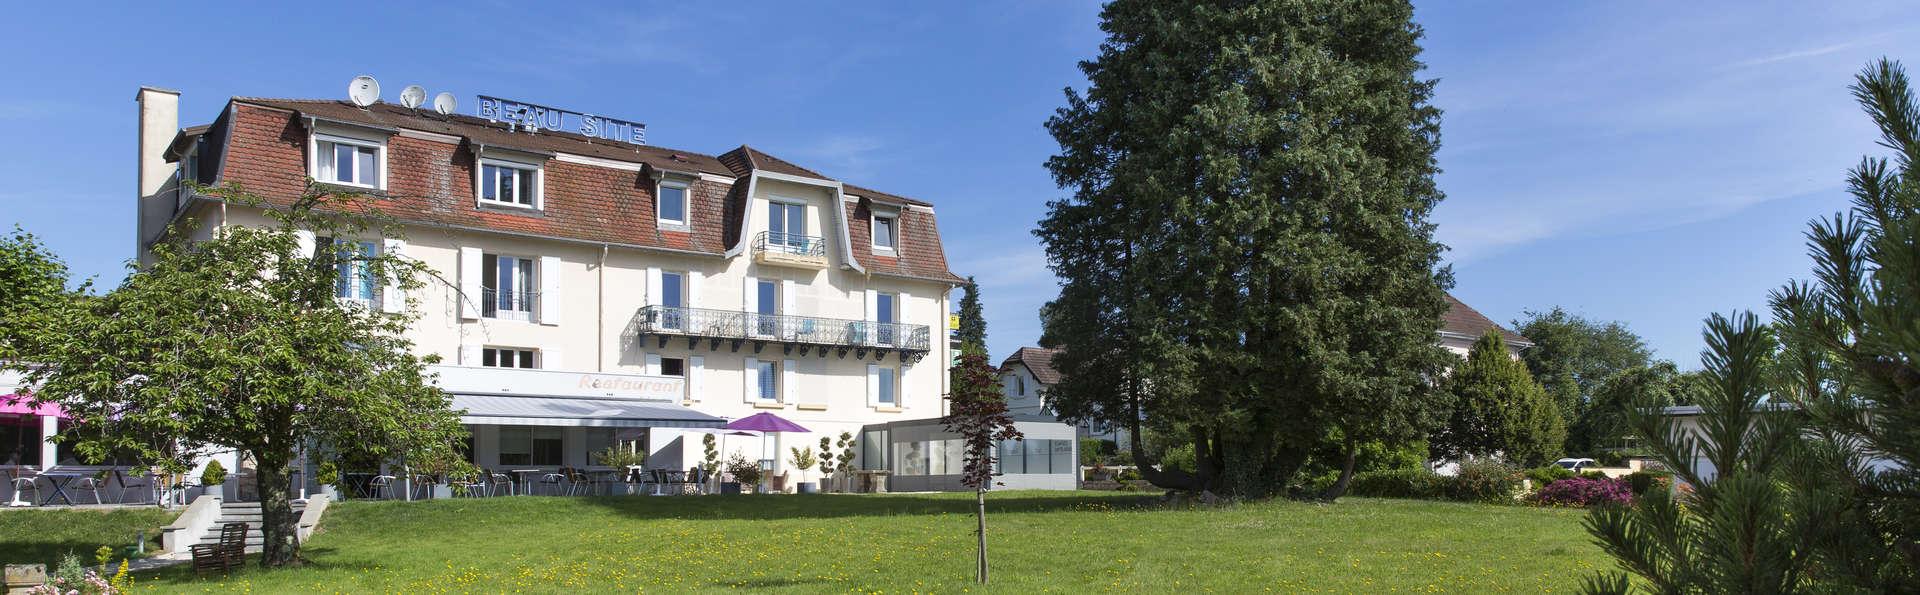 H tel beau site luxeuil les bains h tel de charme luxeuil les bains for Site reservation hotel derniere minute